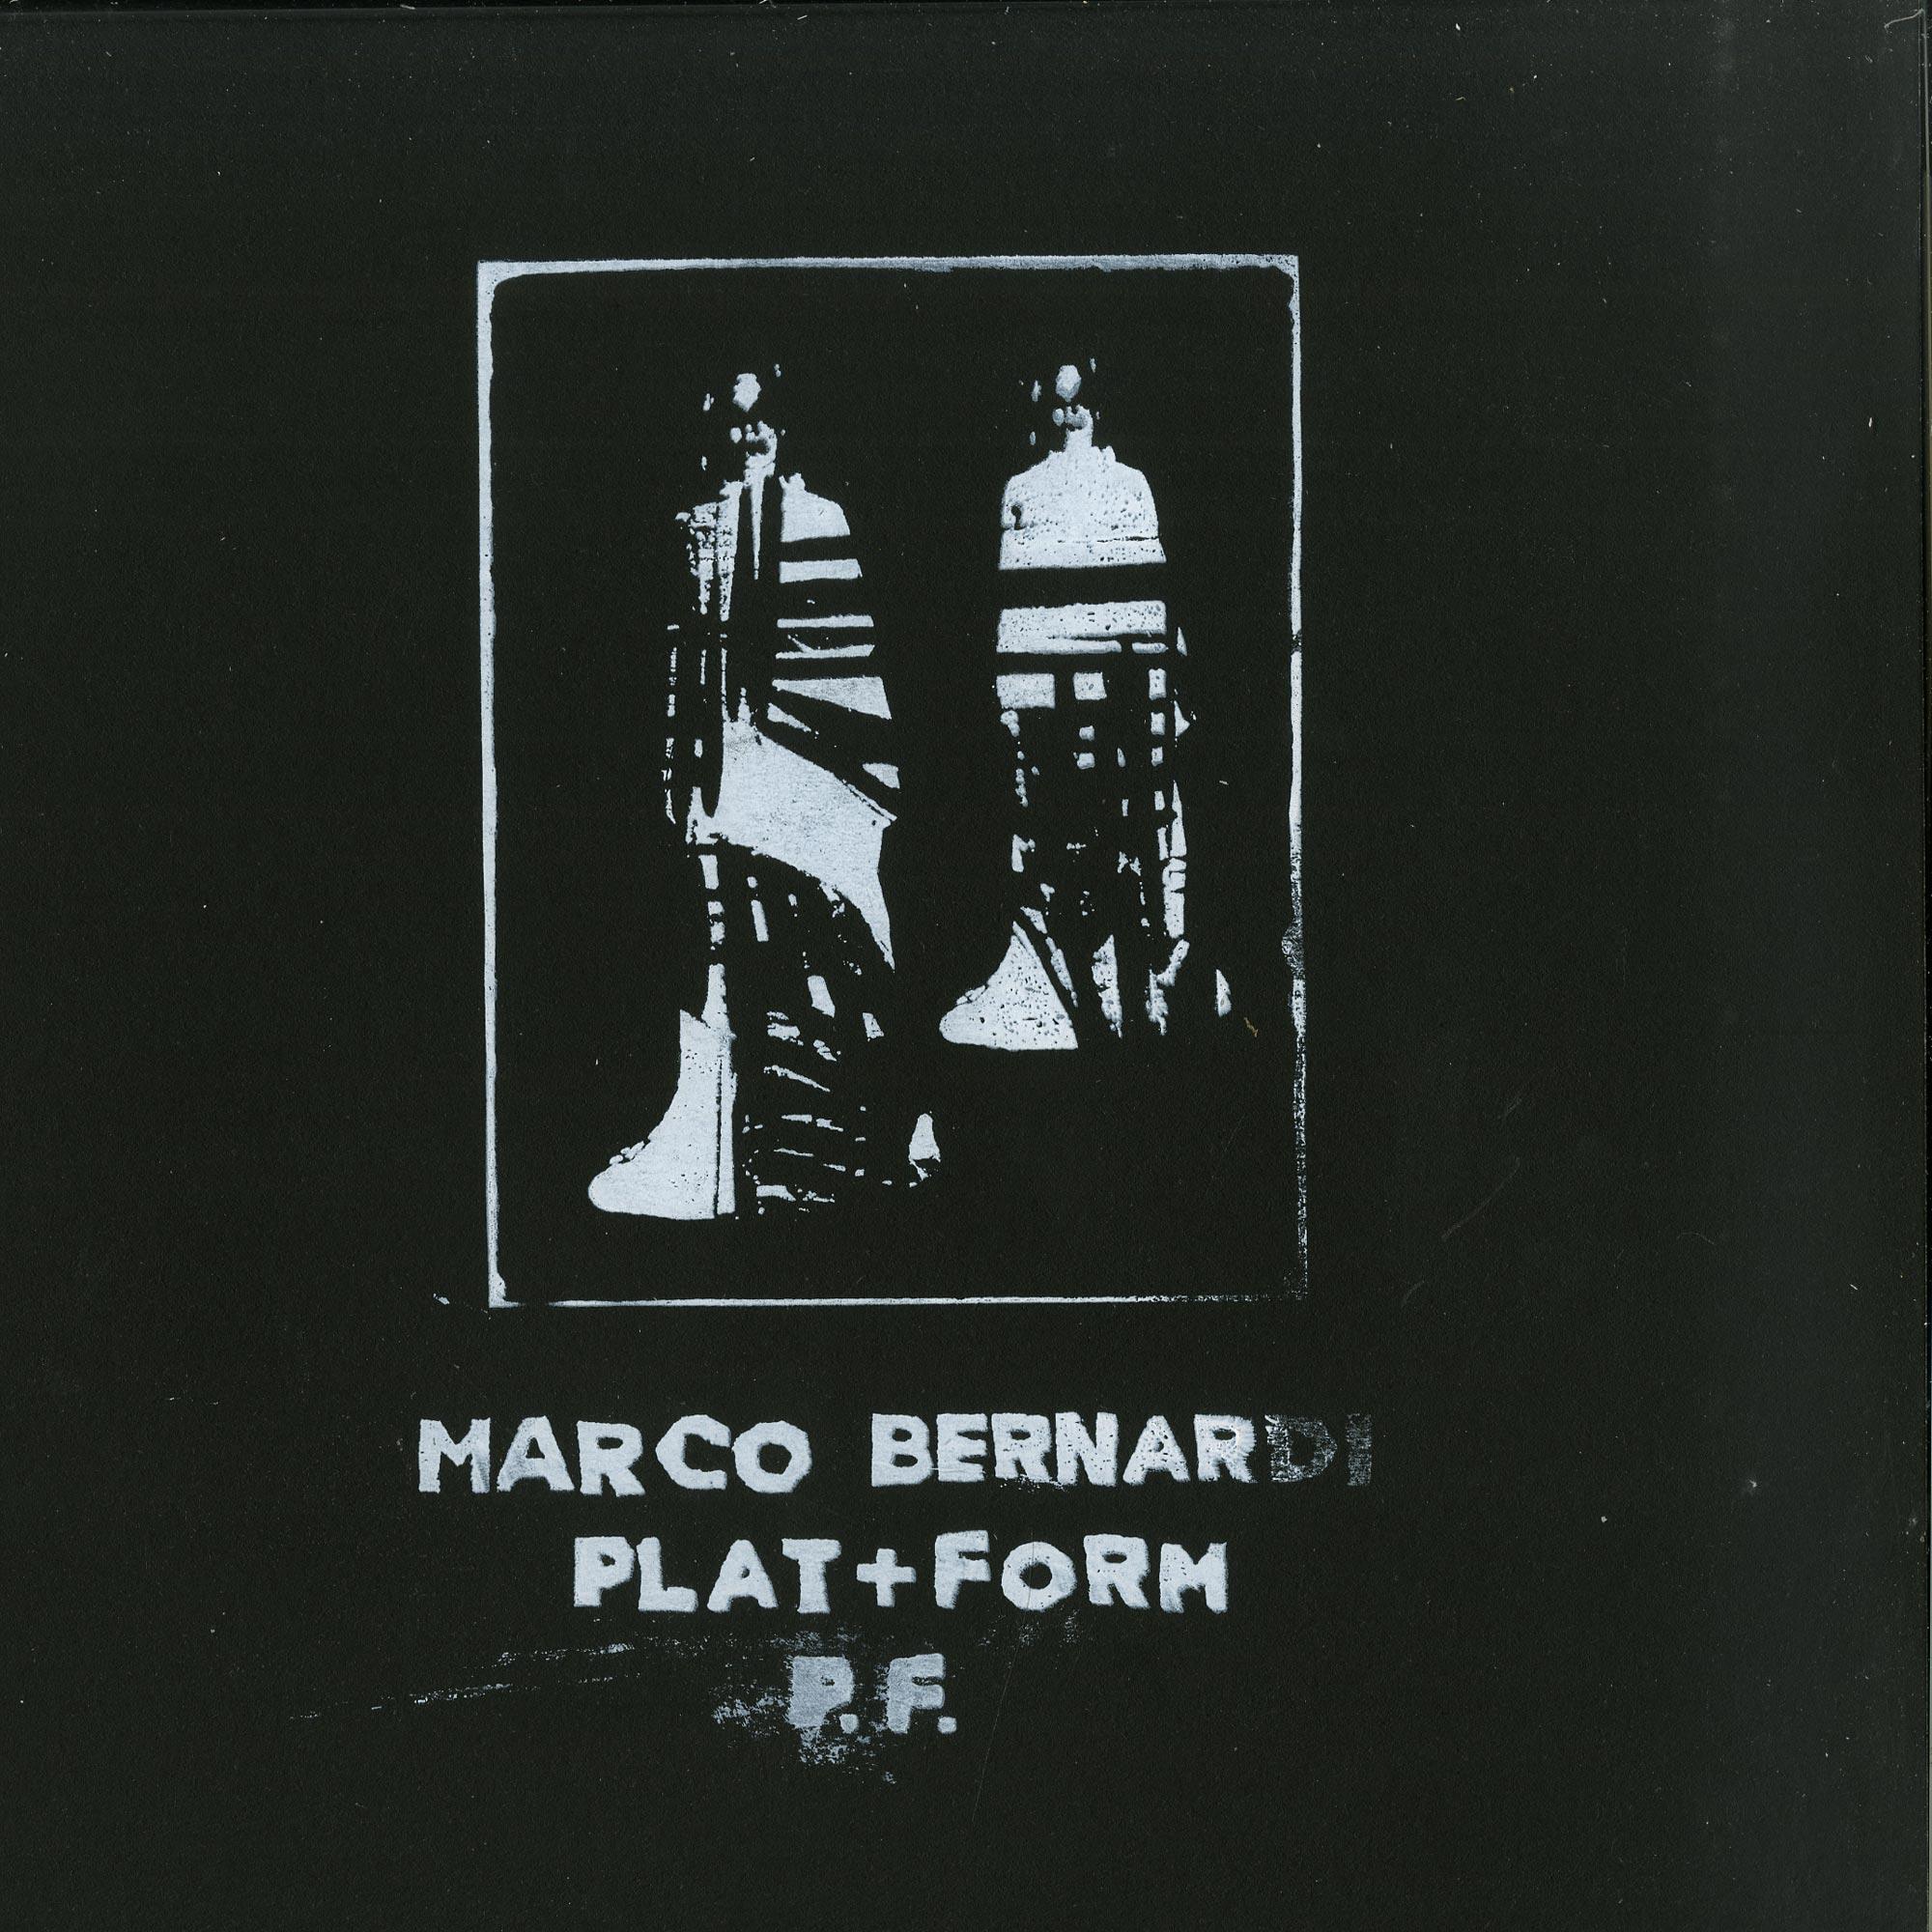 Marco Bernadi - PLAT + FORM P.F.